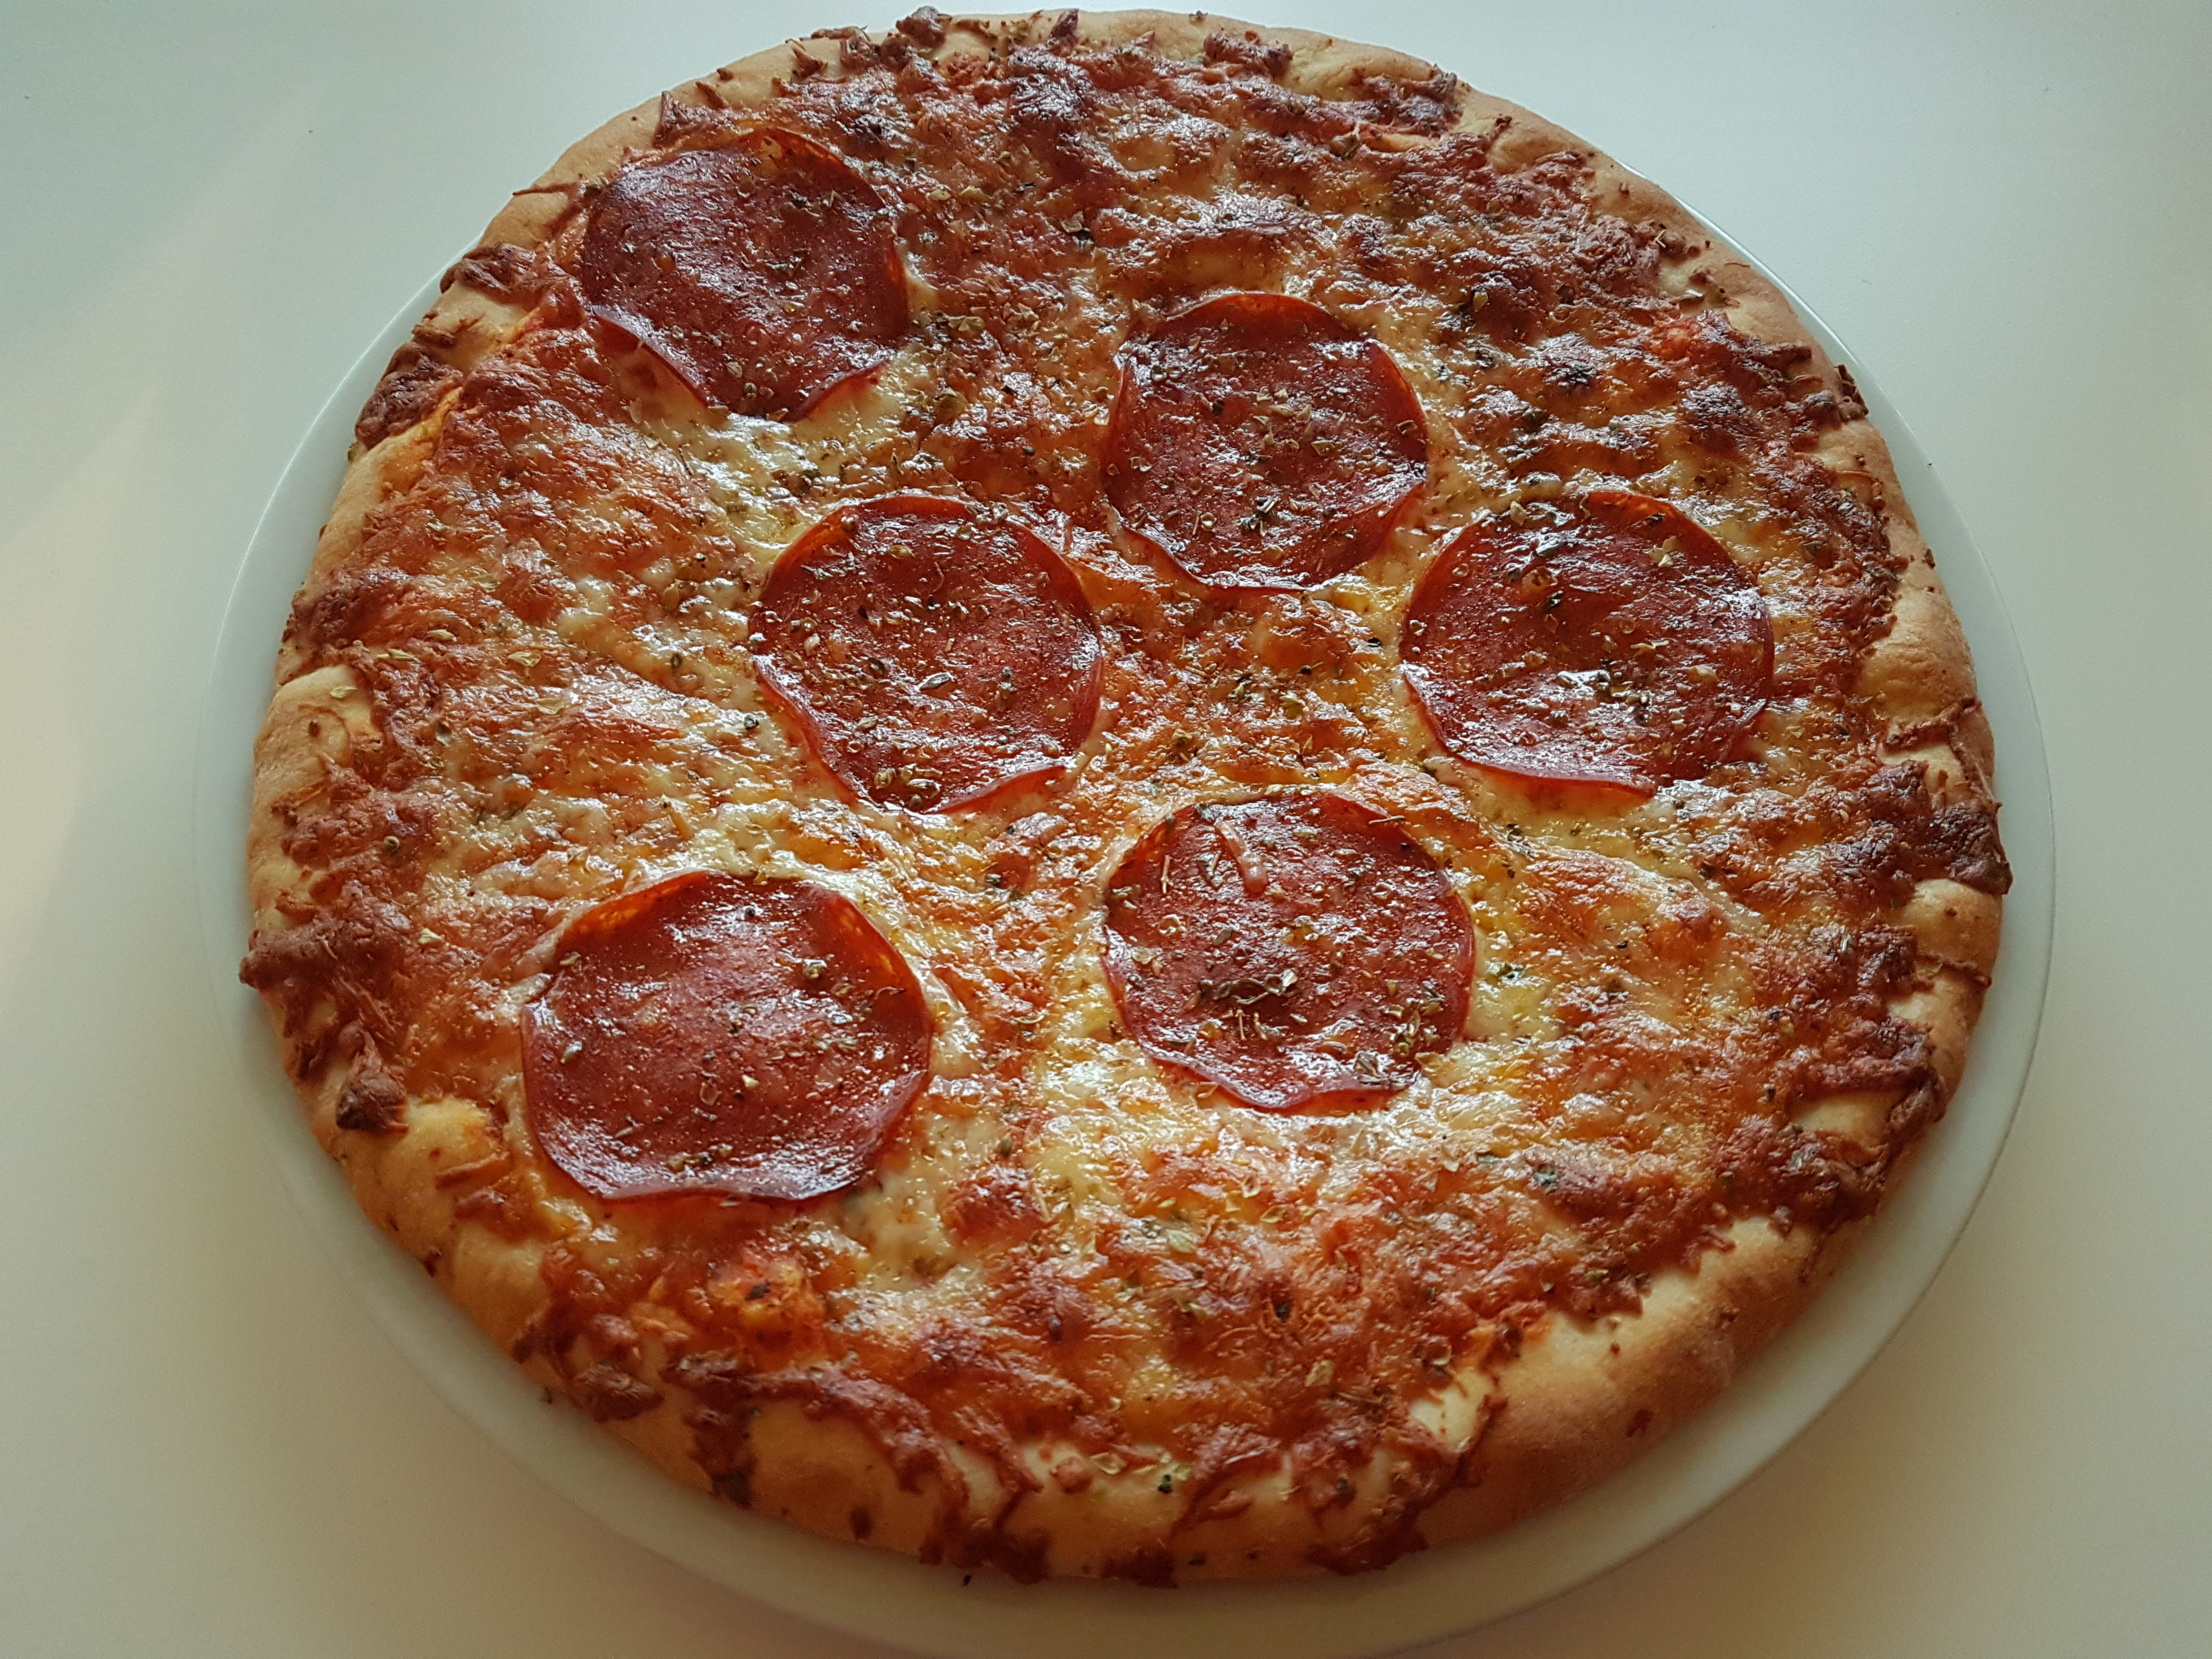 https://foodloader.net/Holz_2019-02-17_Pizza.jpg